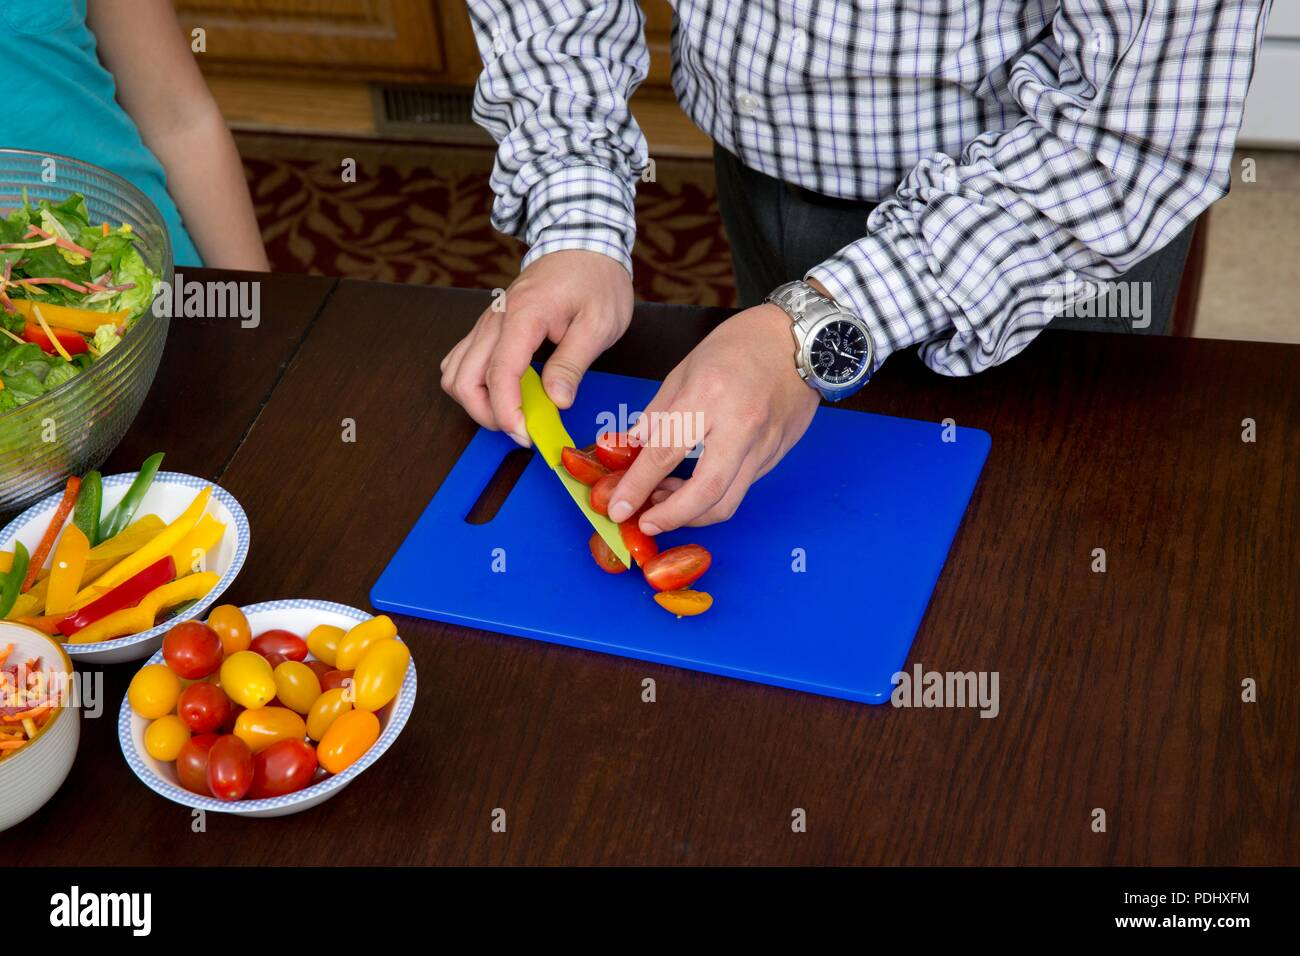 Man schneiden Tomaten mit einem schön auf einem blauen Schneidbrett in einer Küche zu Hause Stockfoto